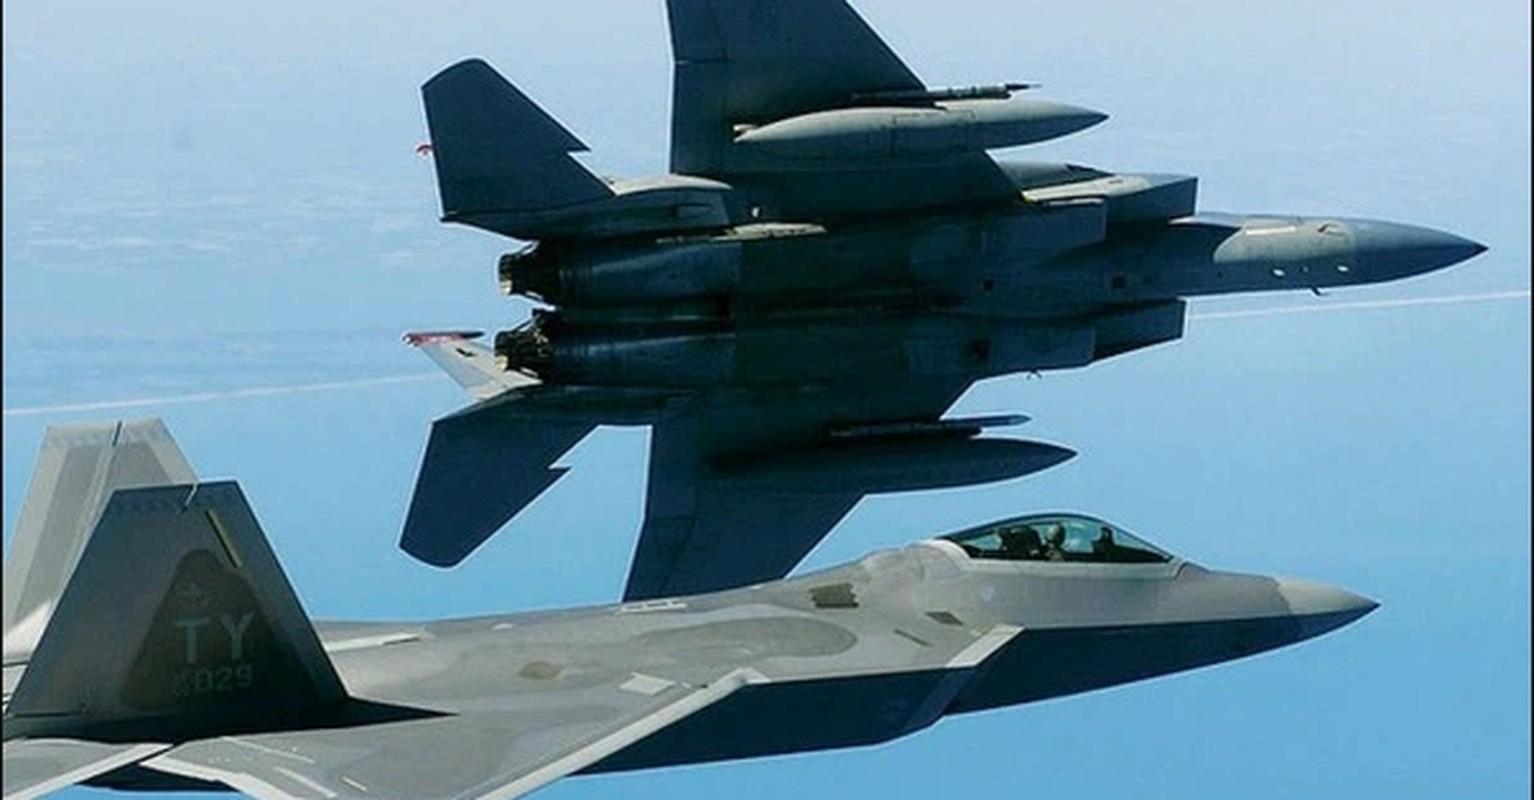 Ly do My quyet khong ban F-15 hay F-35 cho dao Dai Loan?-Hinh-5